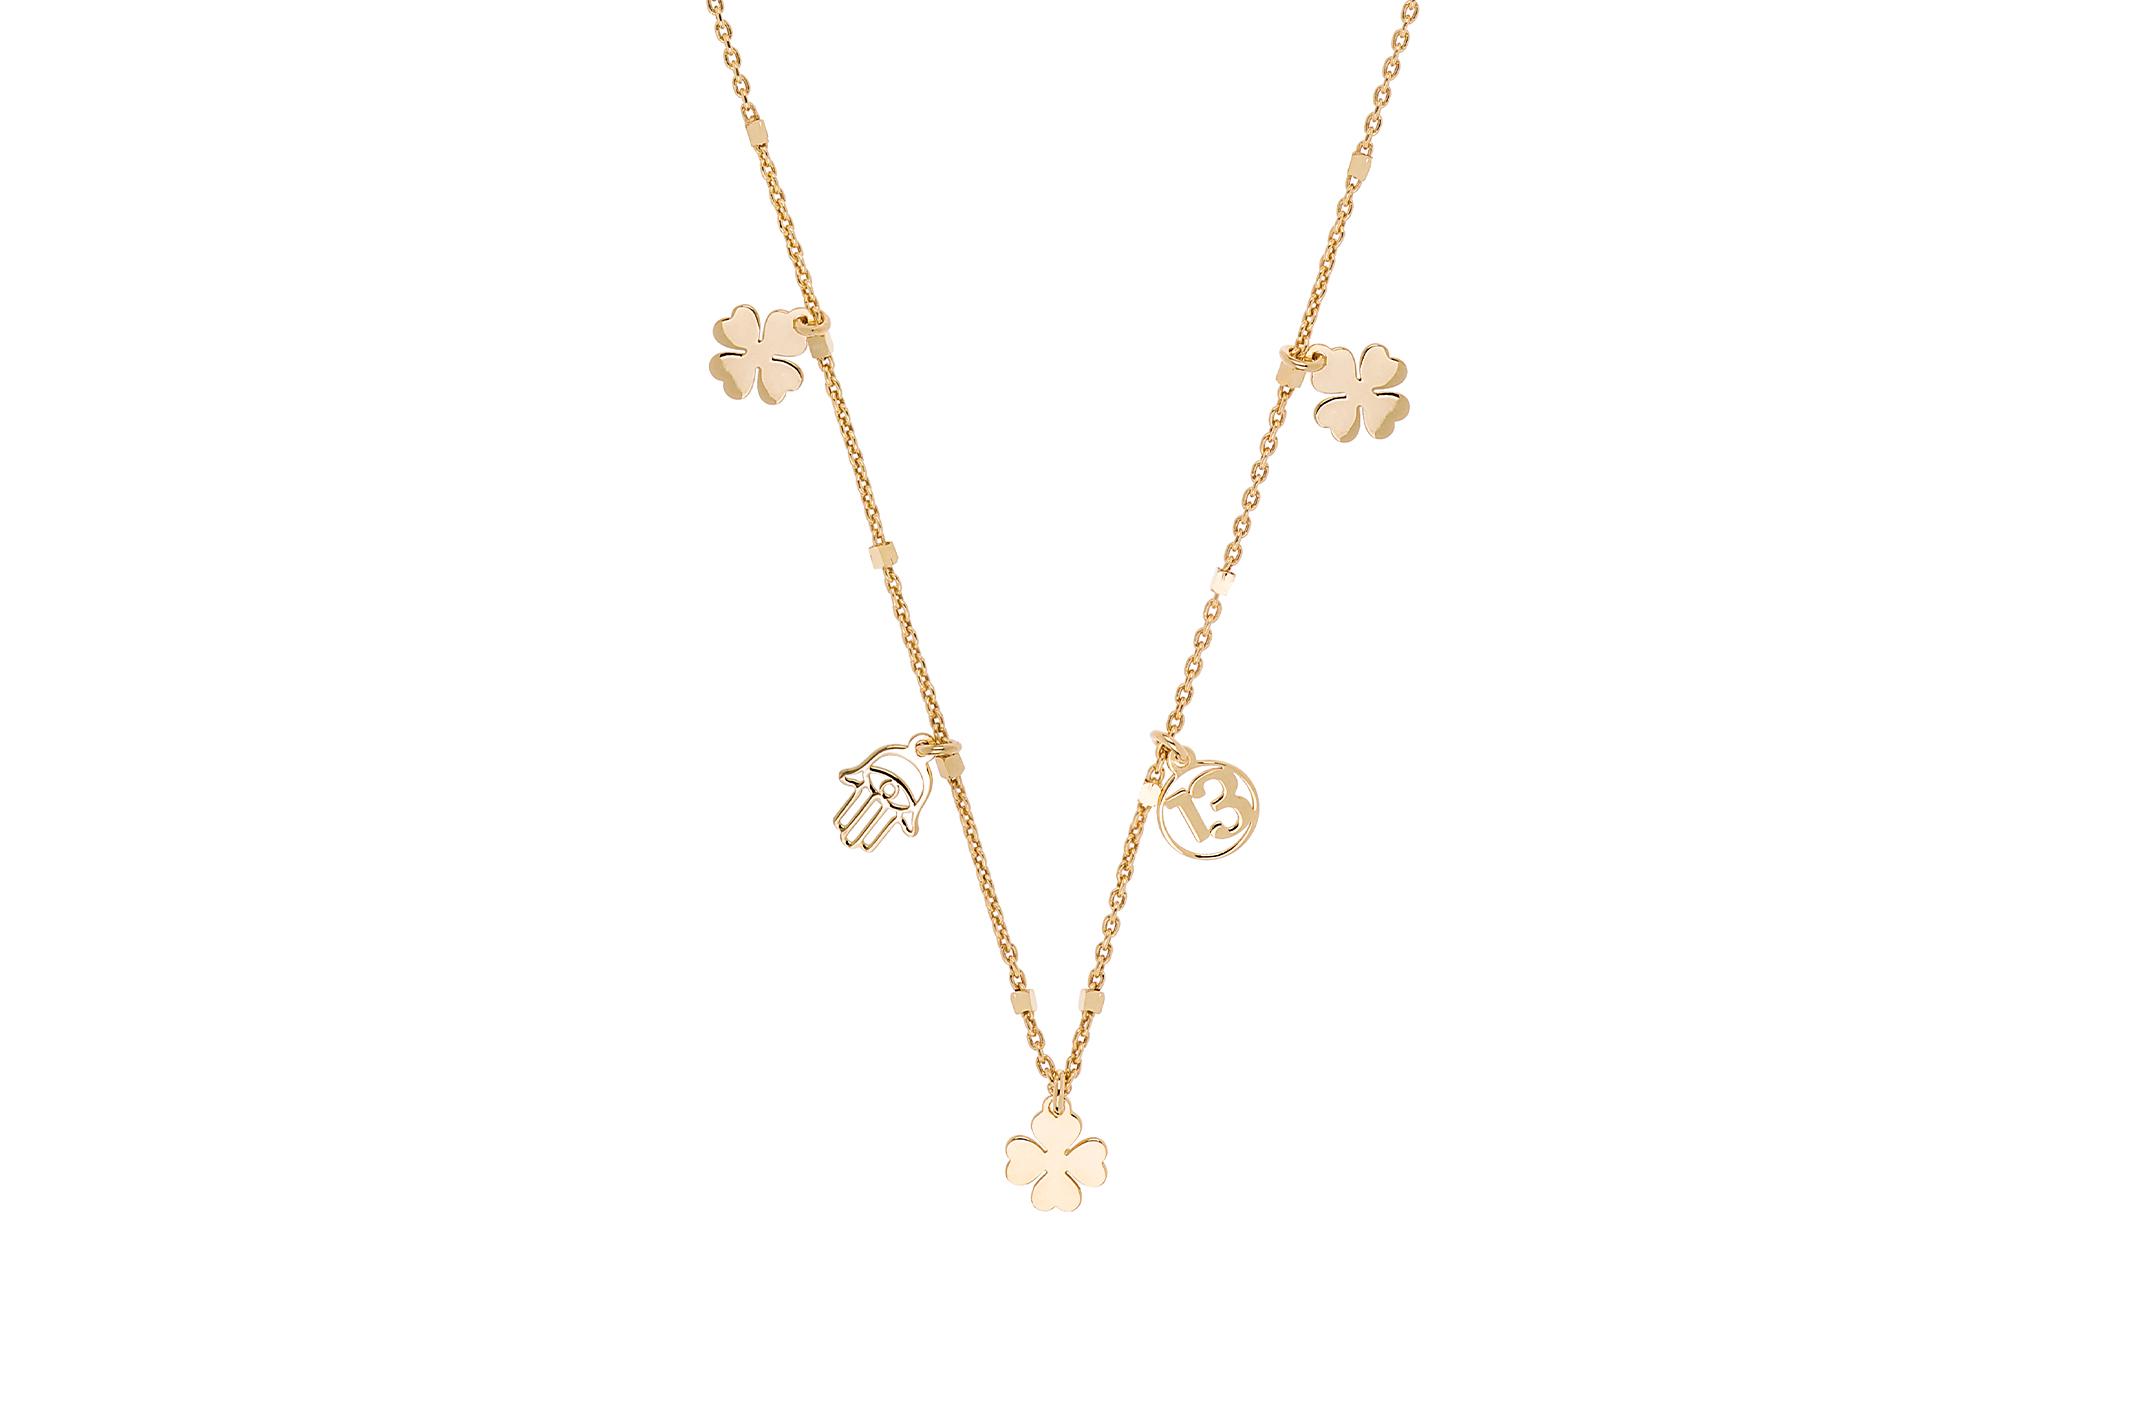 Joia: colar;Material: prata 925;Peso:  3.50 gr;Pedras: zircónias;Cor: amarelo;Tamanho: 40 cm + 3 cm;Género: mulher